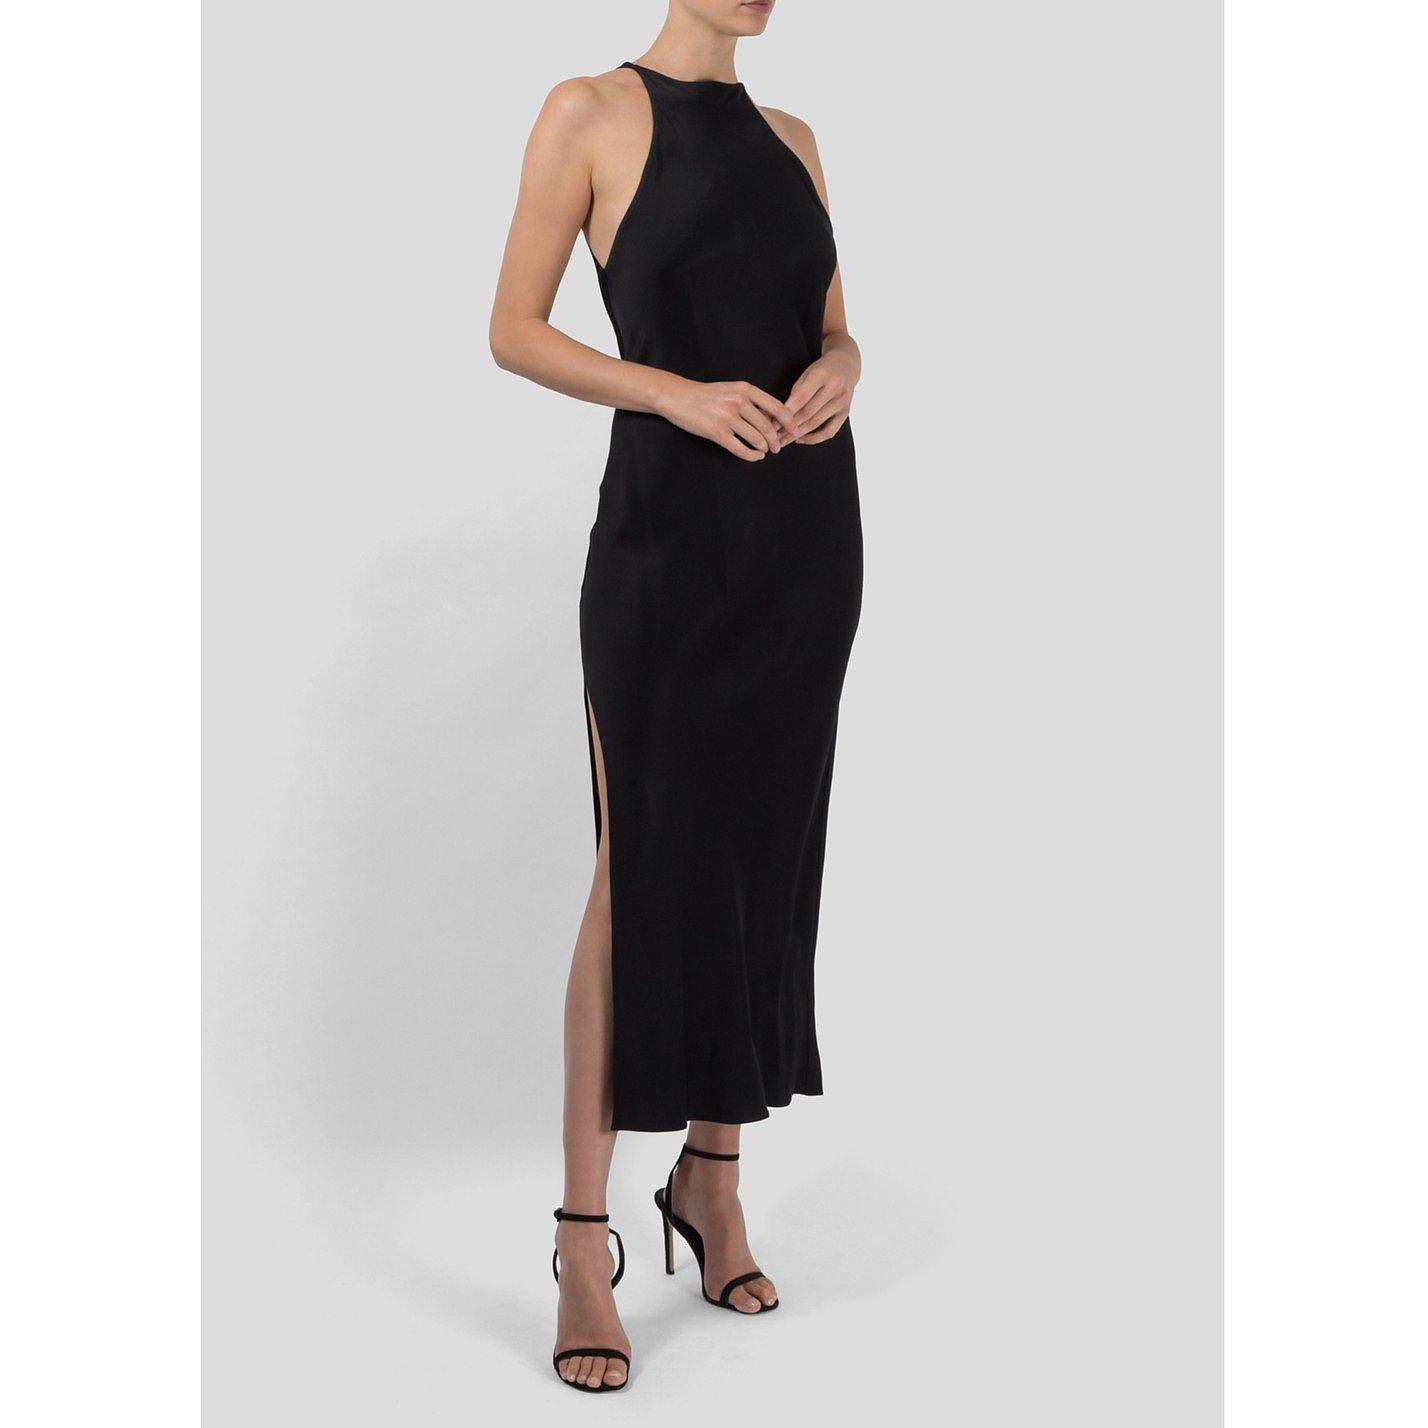 Khaite Sleeveless Midi Dress